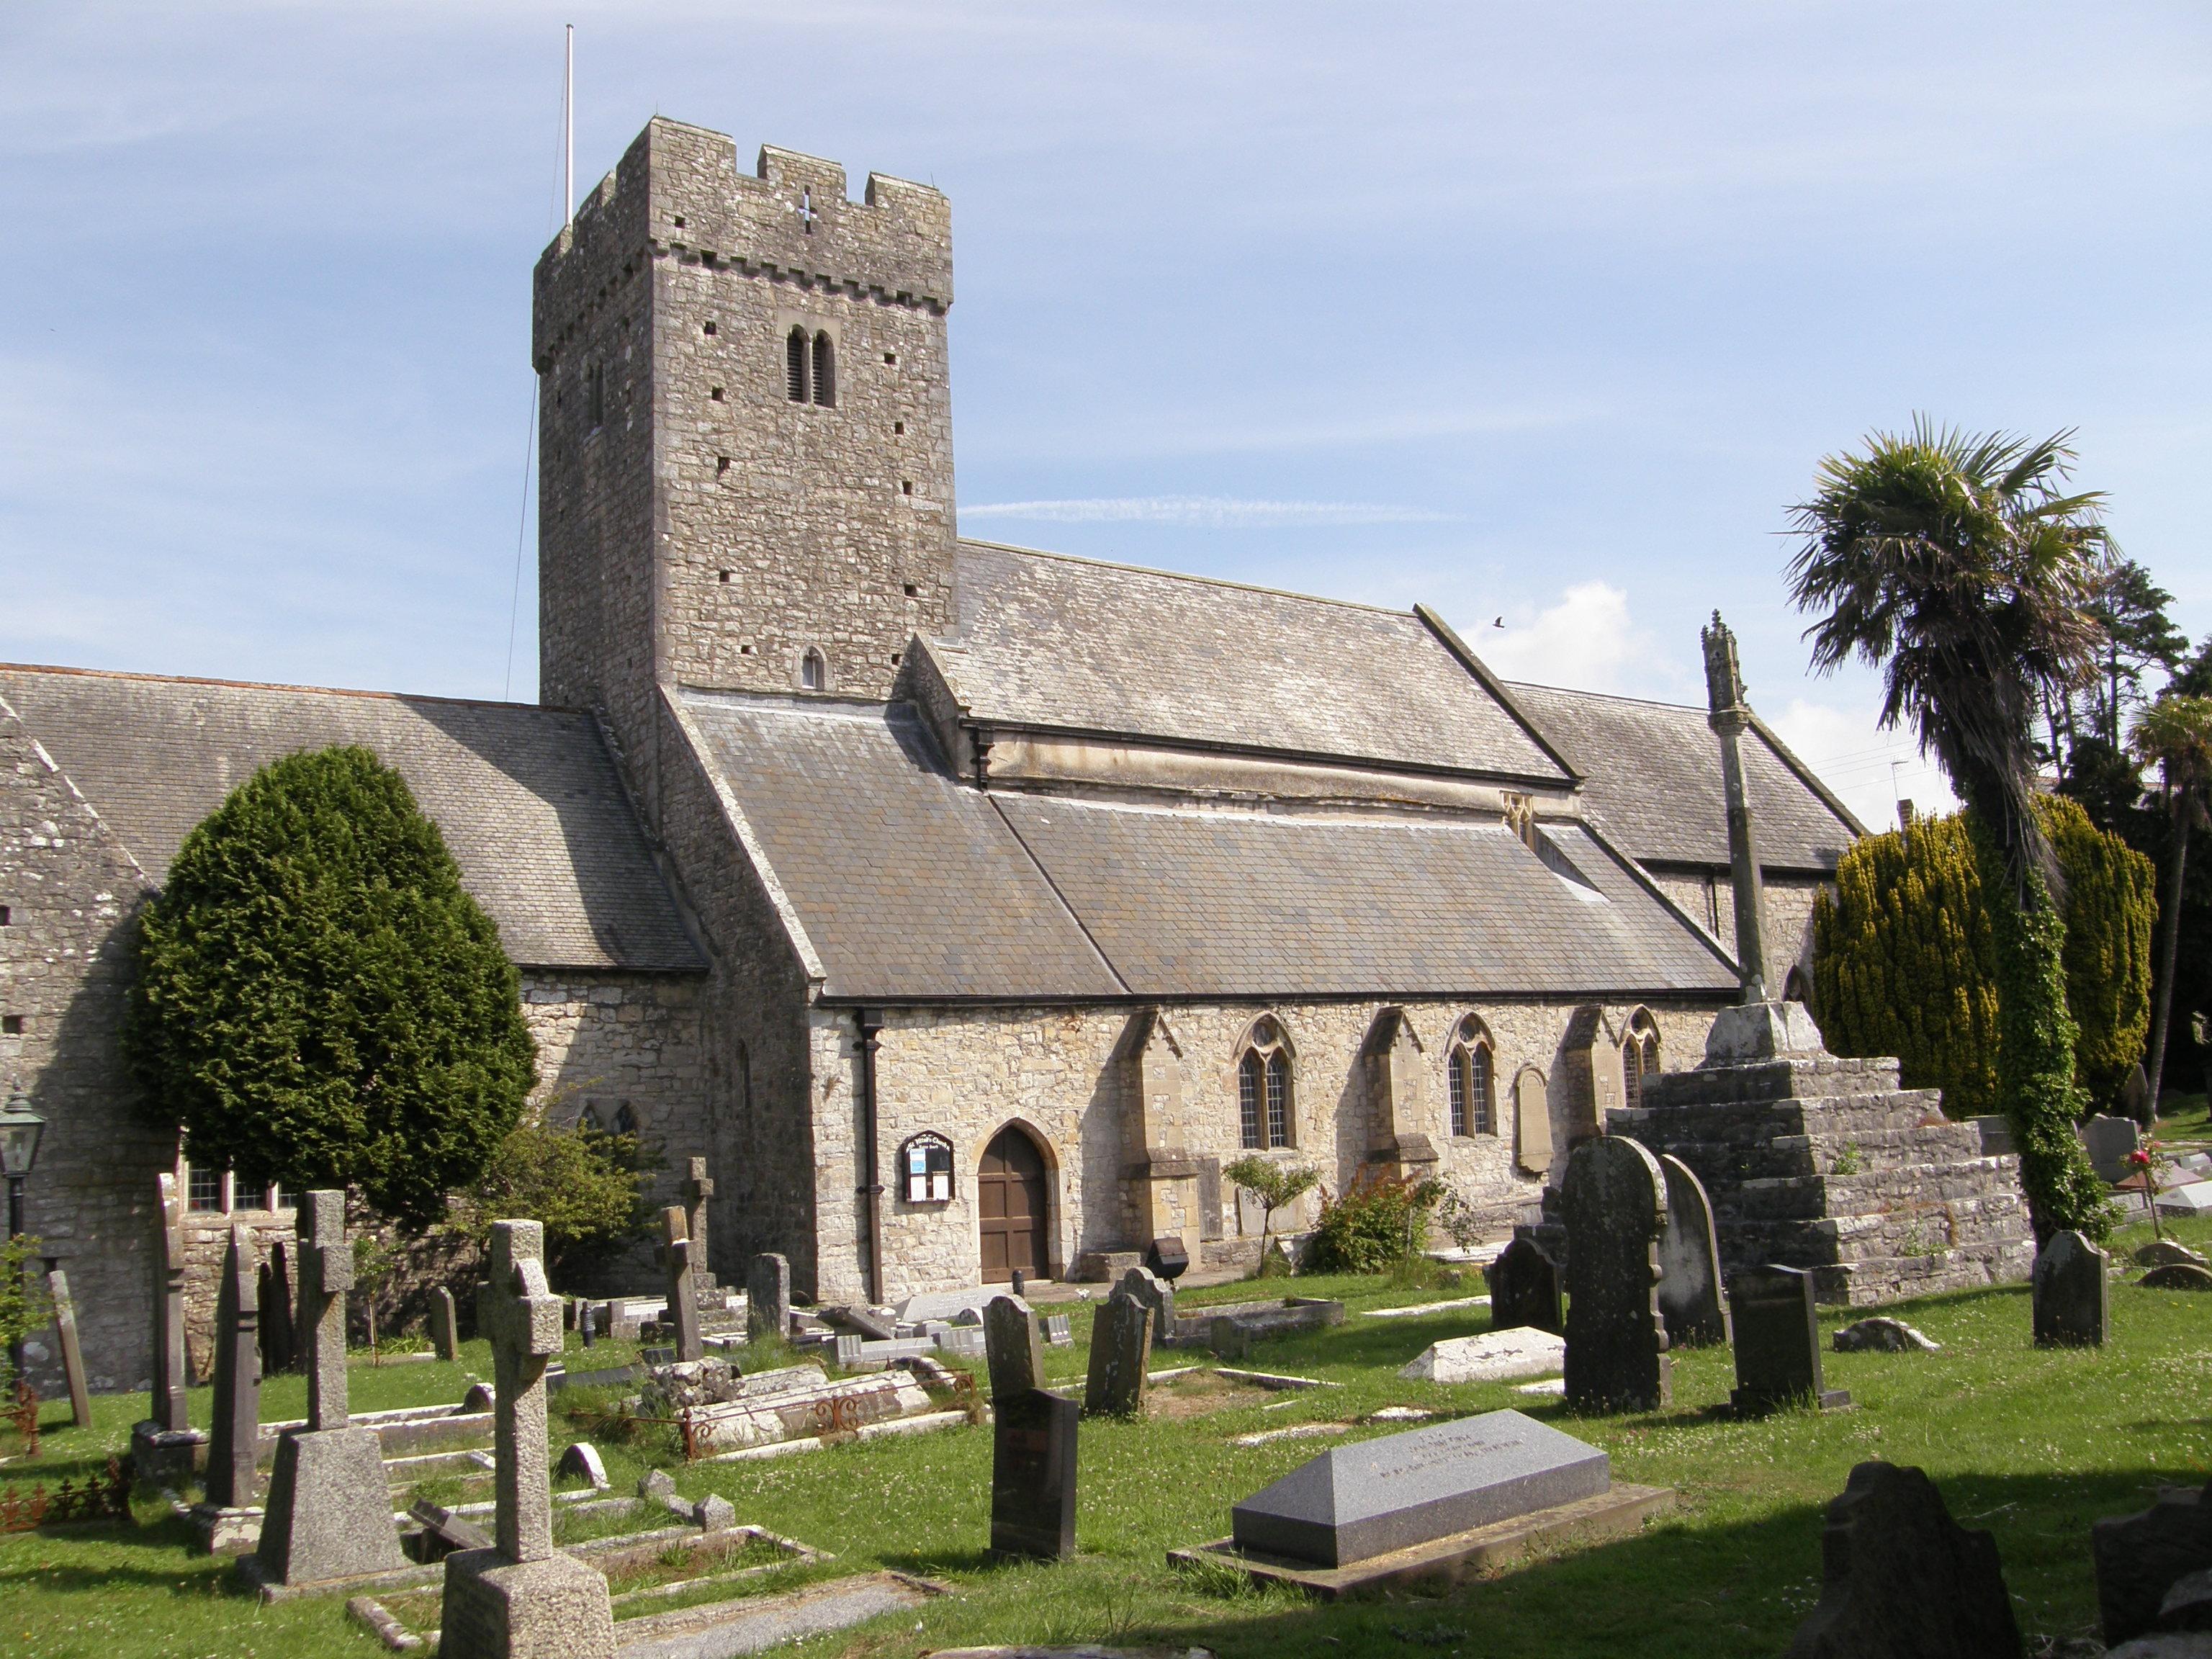 St. Illtuds Church, Llantwit Major, from church yard